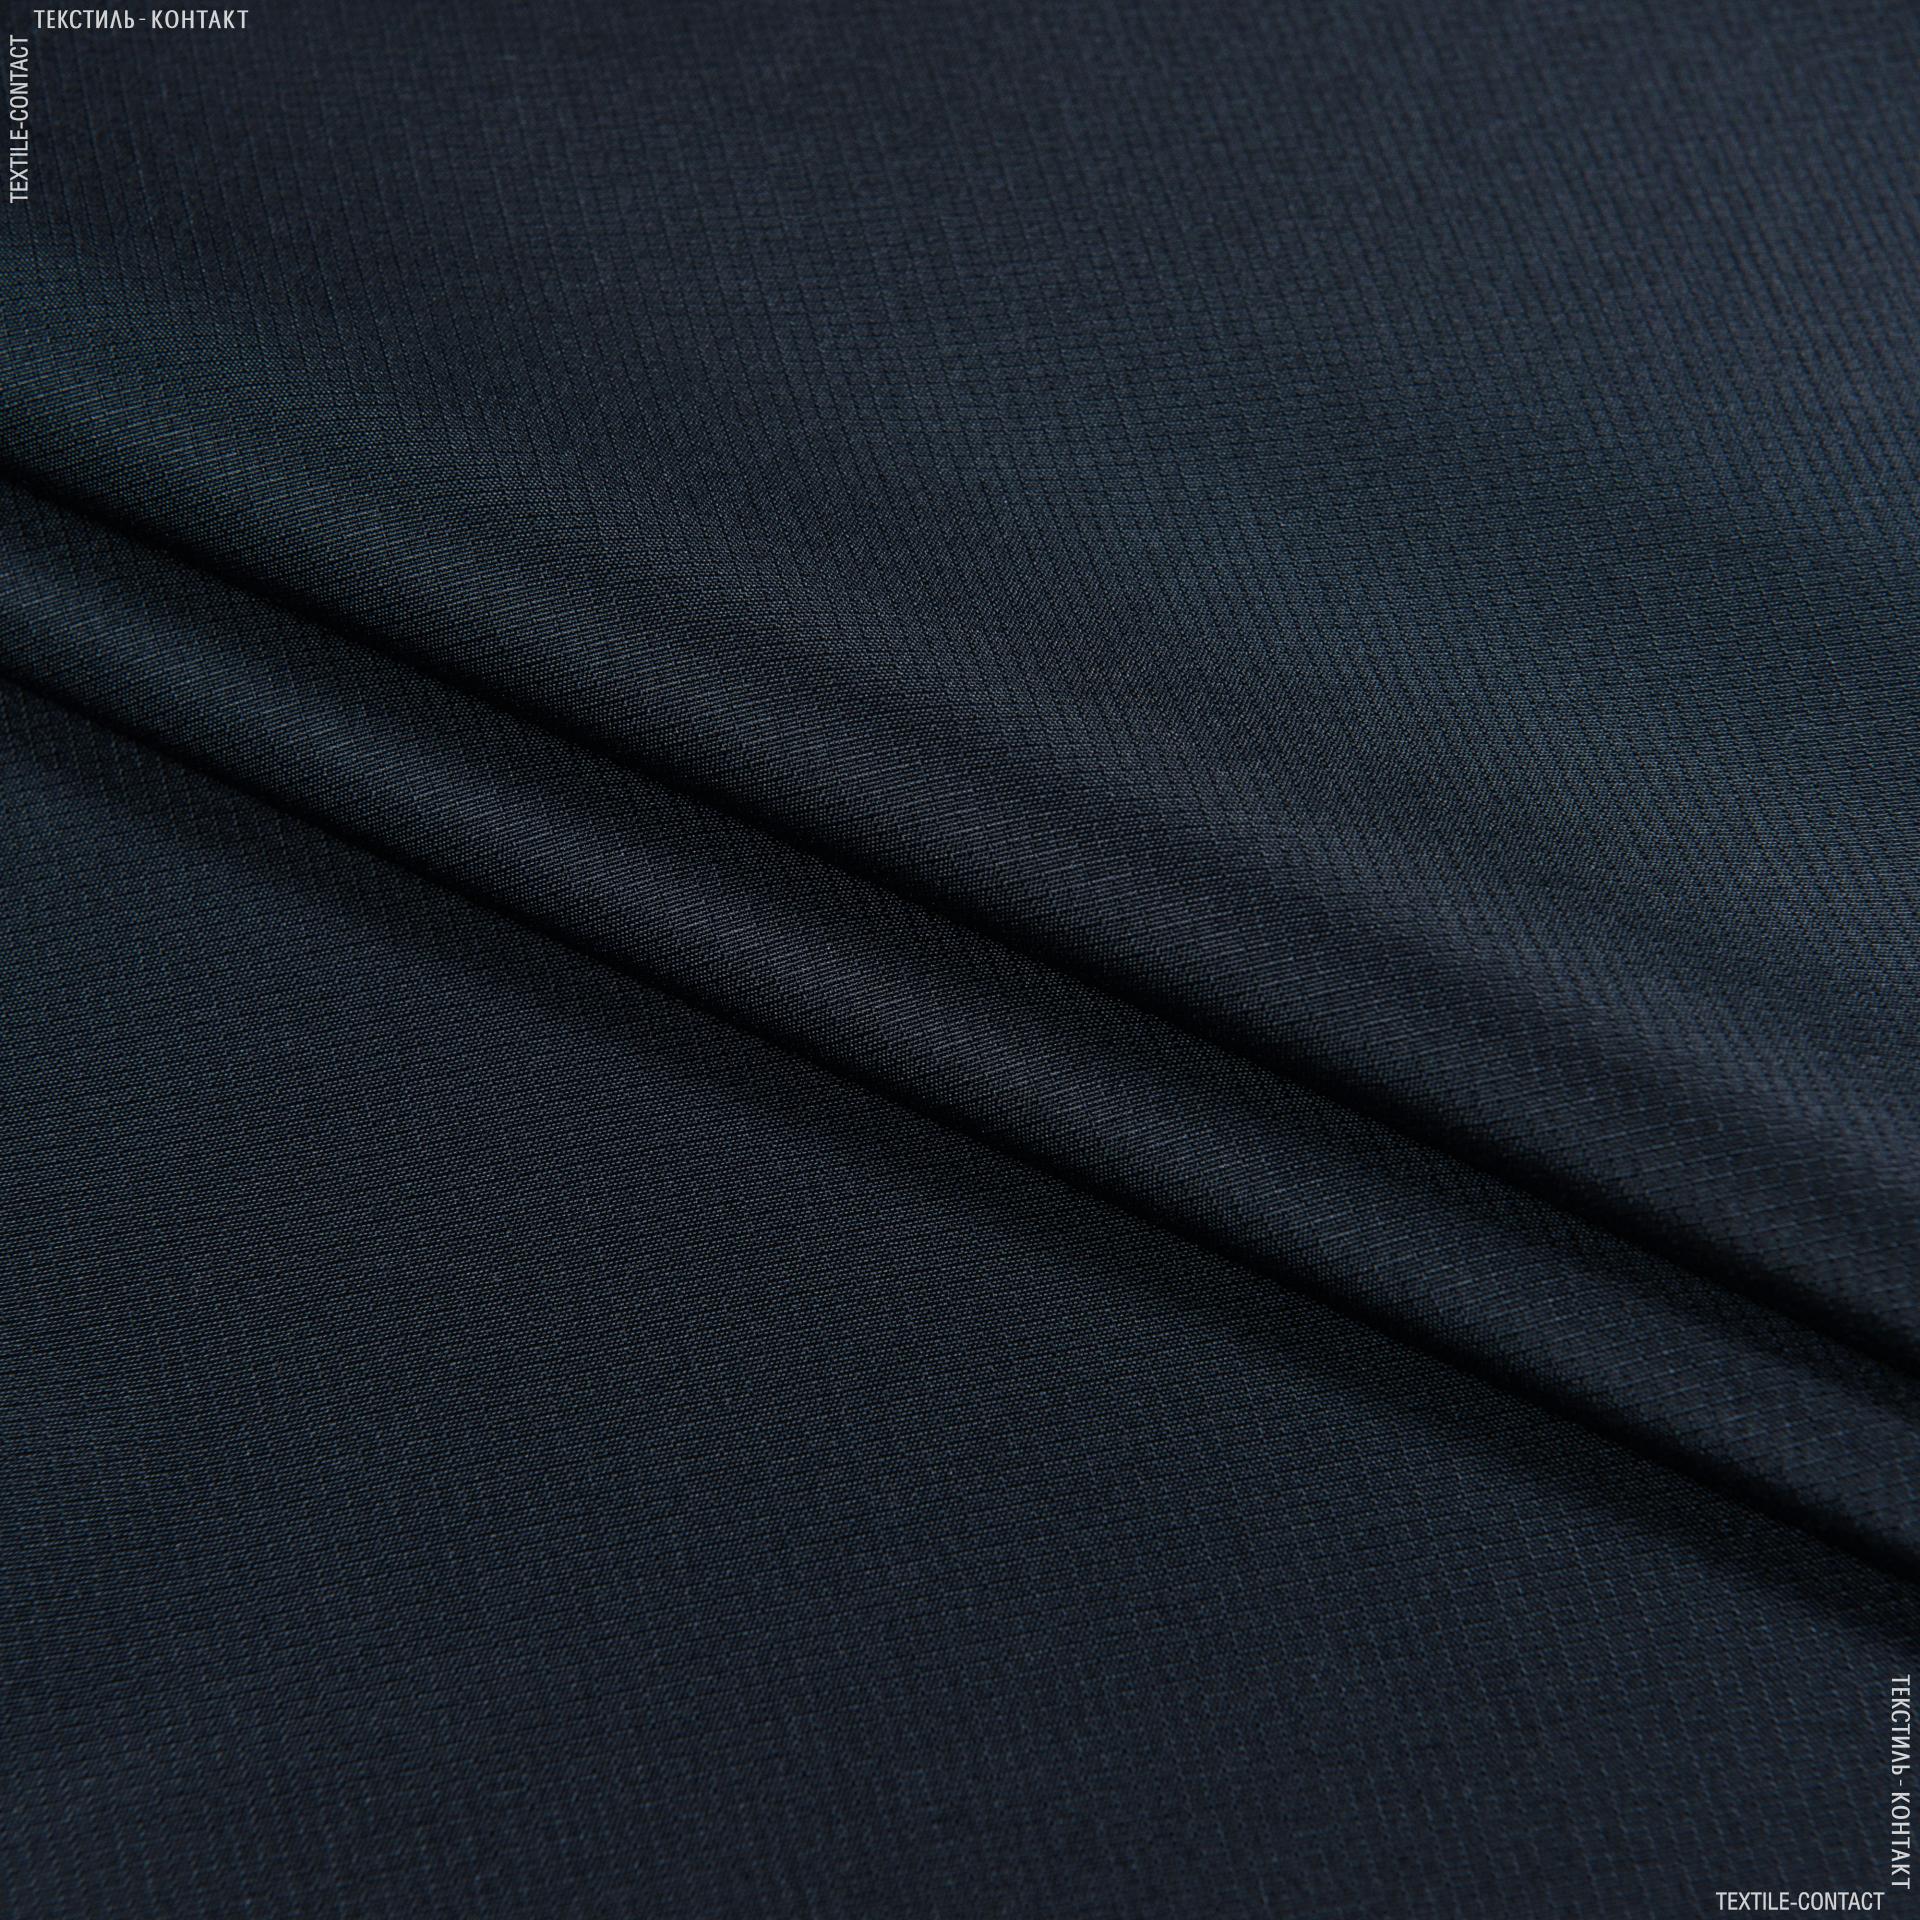 Купить мембрану ткань для одежды интернет магазин смесовый лен ткань